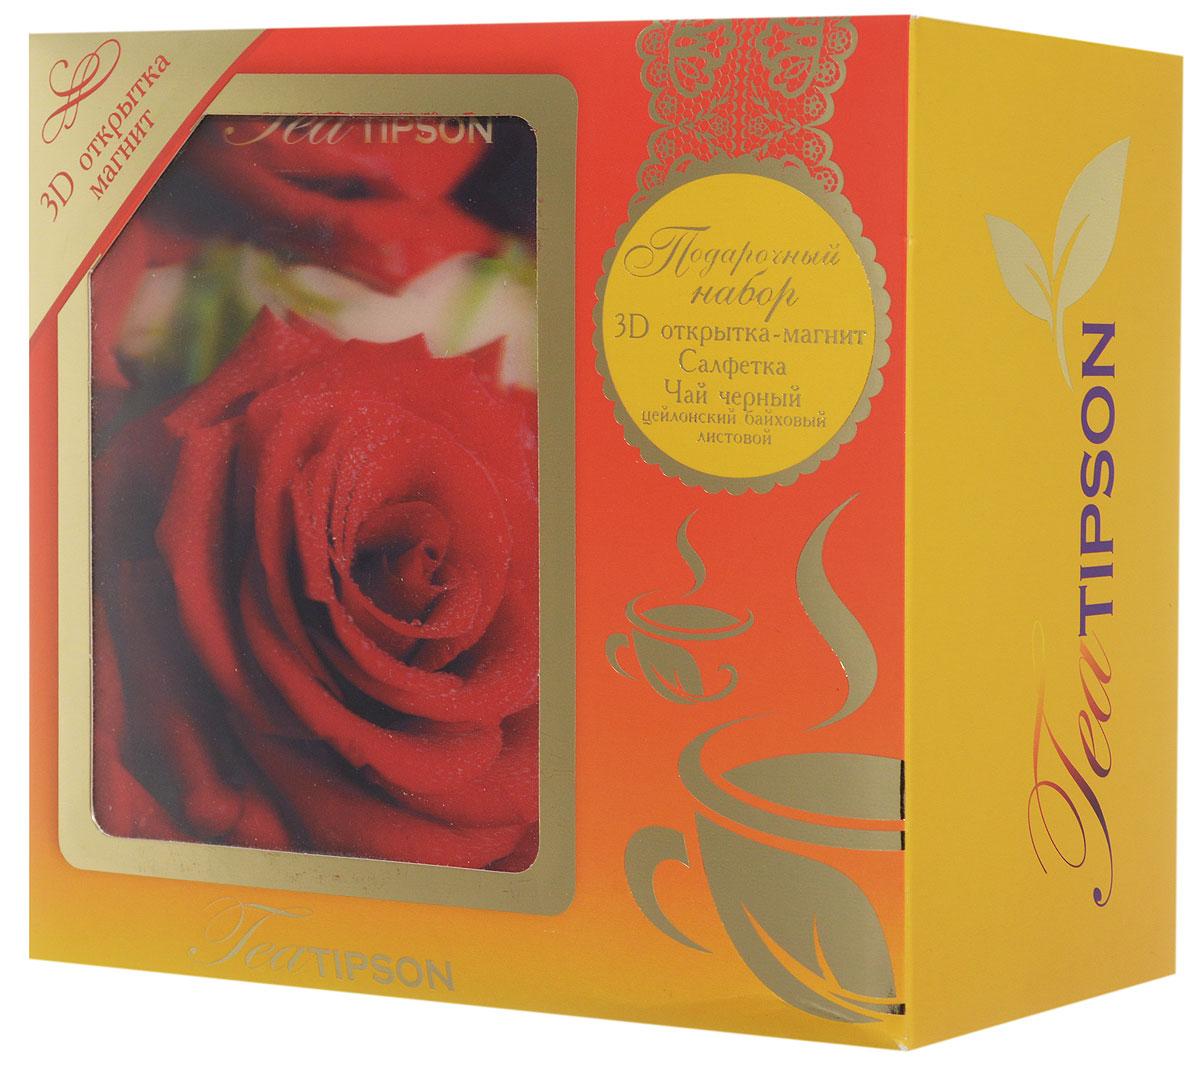 Tipson Подарочный набор Красный черный чай Ceylon №1 с 3D открыткой-магнитом и салфеткой для дома, 85 г10053-00Ищите подарок любимой хозяюшке? Подарите отличный набор Tipson Красный в красочной упаковке из дизайнерского картона и ярким принтом. В комплект с упаковкой традиционного чая Tipson Ceylon №1 входит нужная в каждом доме яркая салфетка из 100% хлопка, а также яркая, переливающаяся 3D-открытка, которую можно повесить на холодильник и которая будет напоминать о вас круглый год. Размер открытки: 120 x 155 мм Размер салфетки: 300 x 300 мм